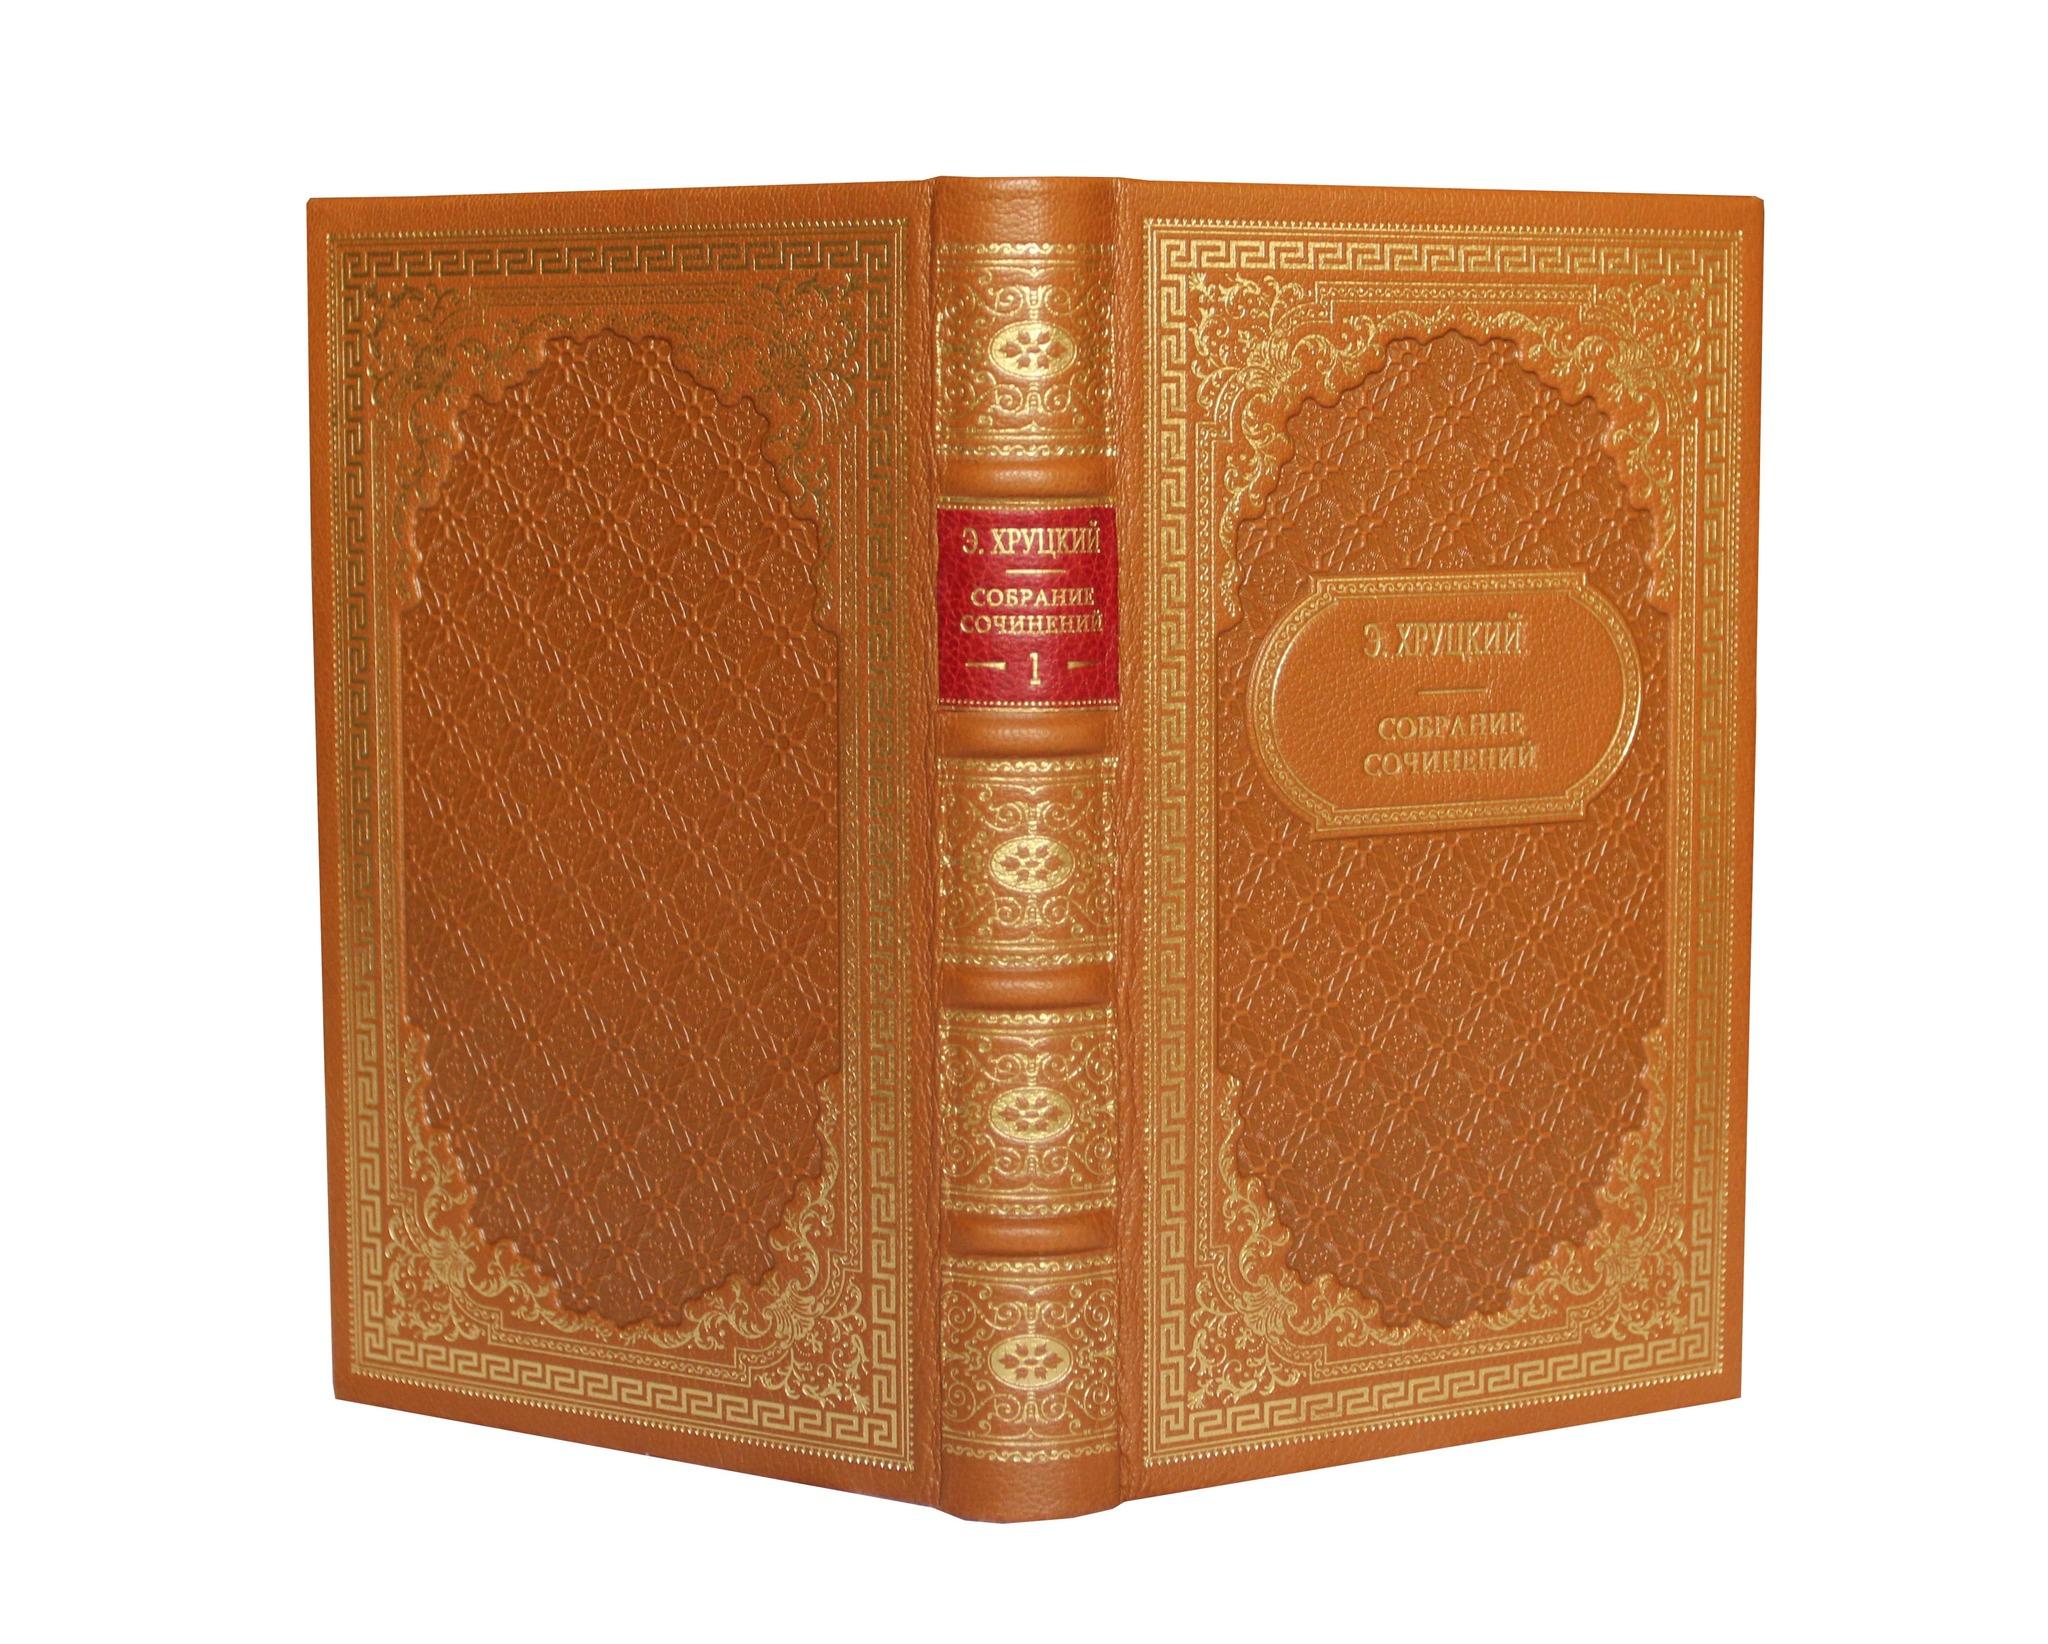 Хруцкий Э. Собрание сочинений в 10 томах